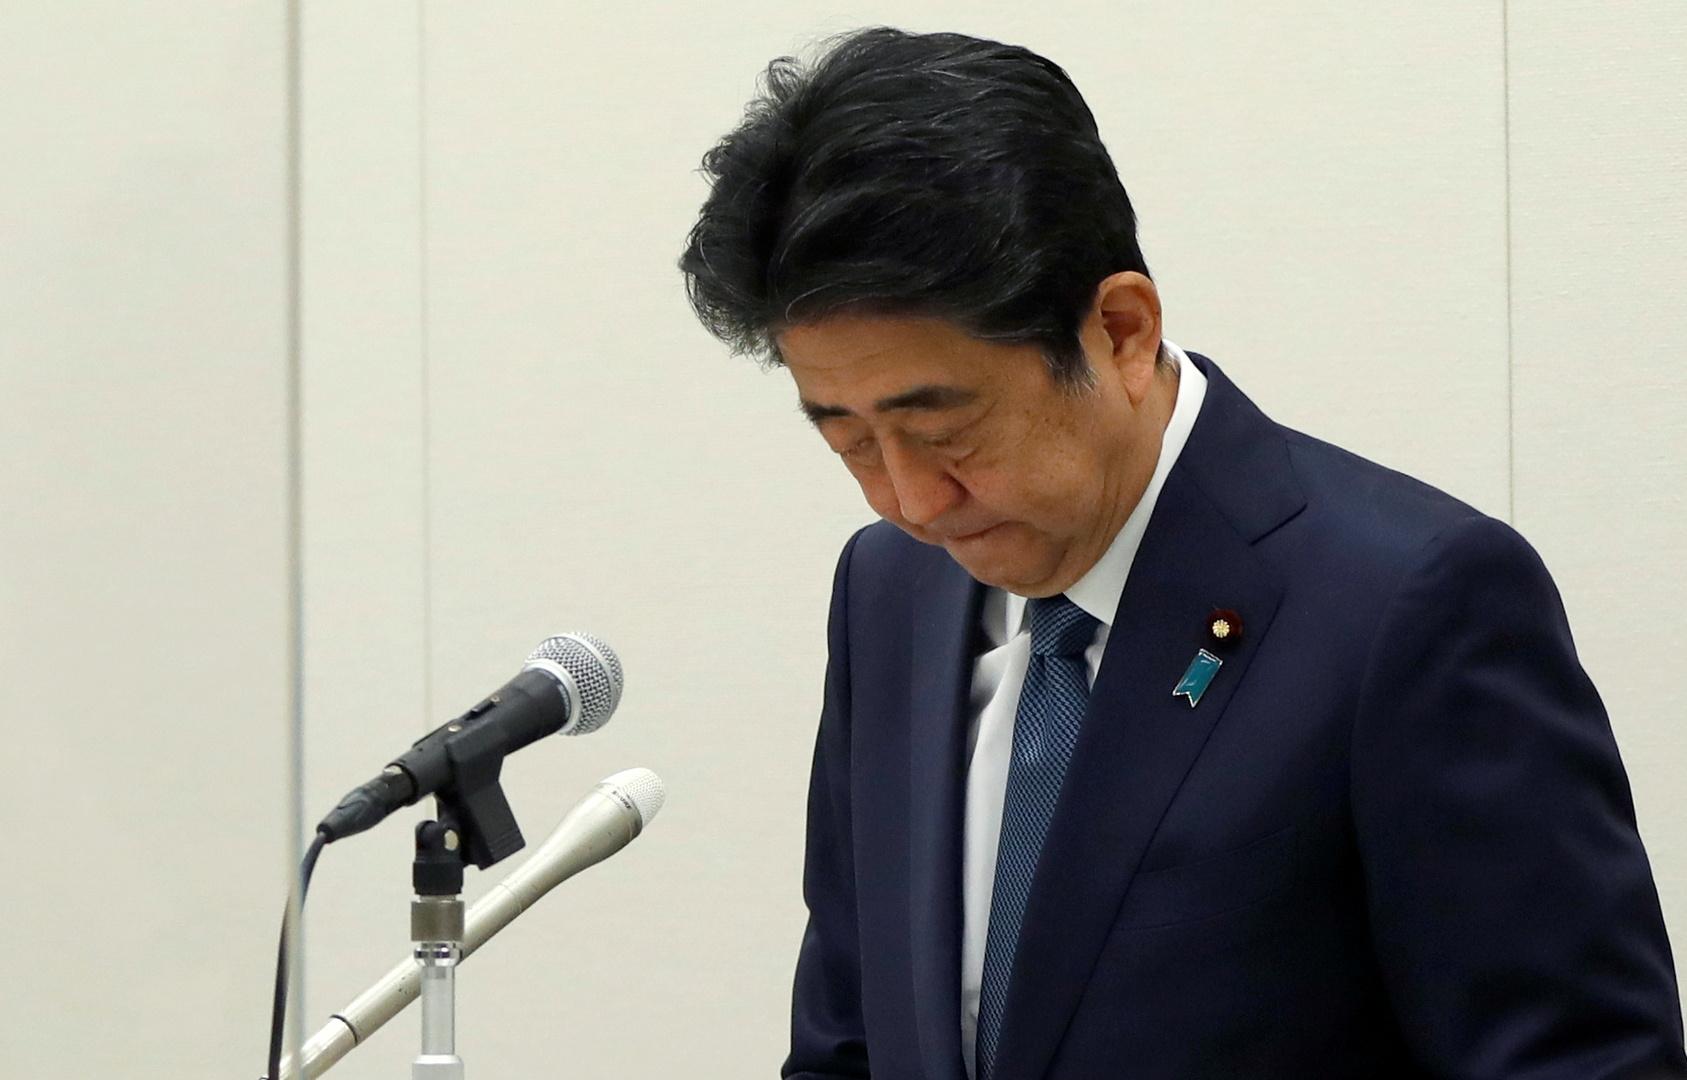 رئيس الوزراء الياباني الأسبق شينزو آبي يعقد مؤتمرا صحفيا في طوكيو